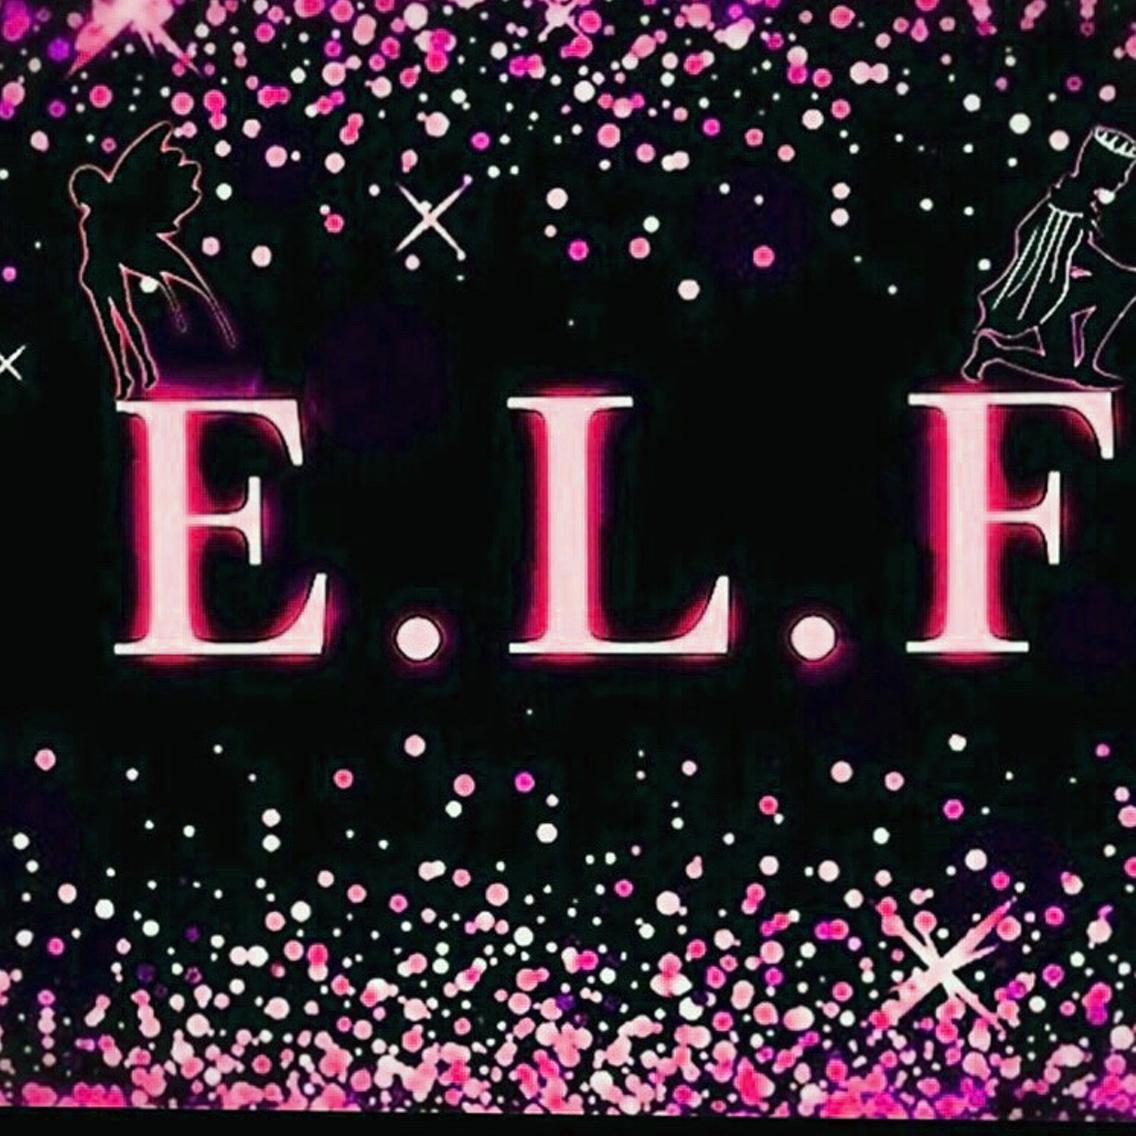 E.L.F所属・E.L.F清水の掲載